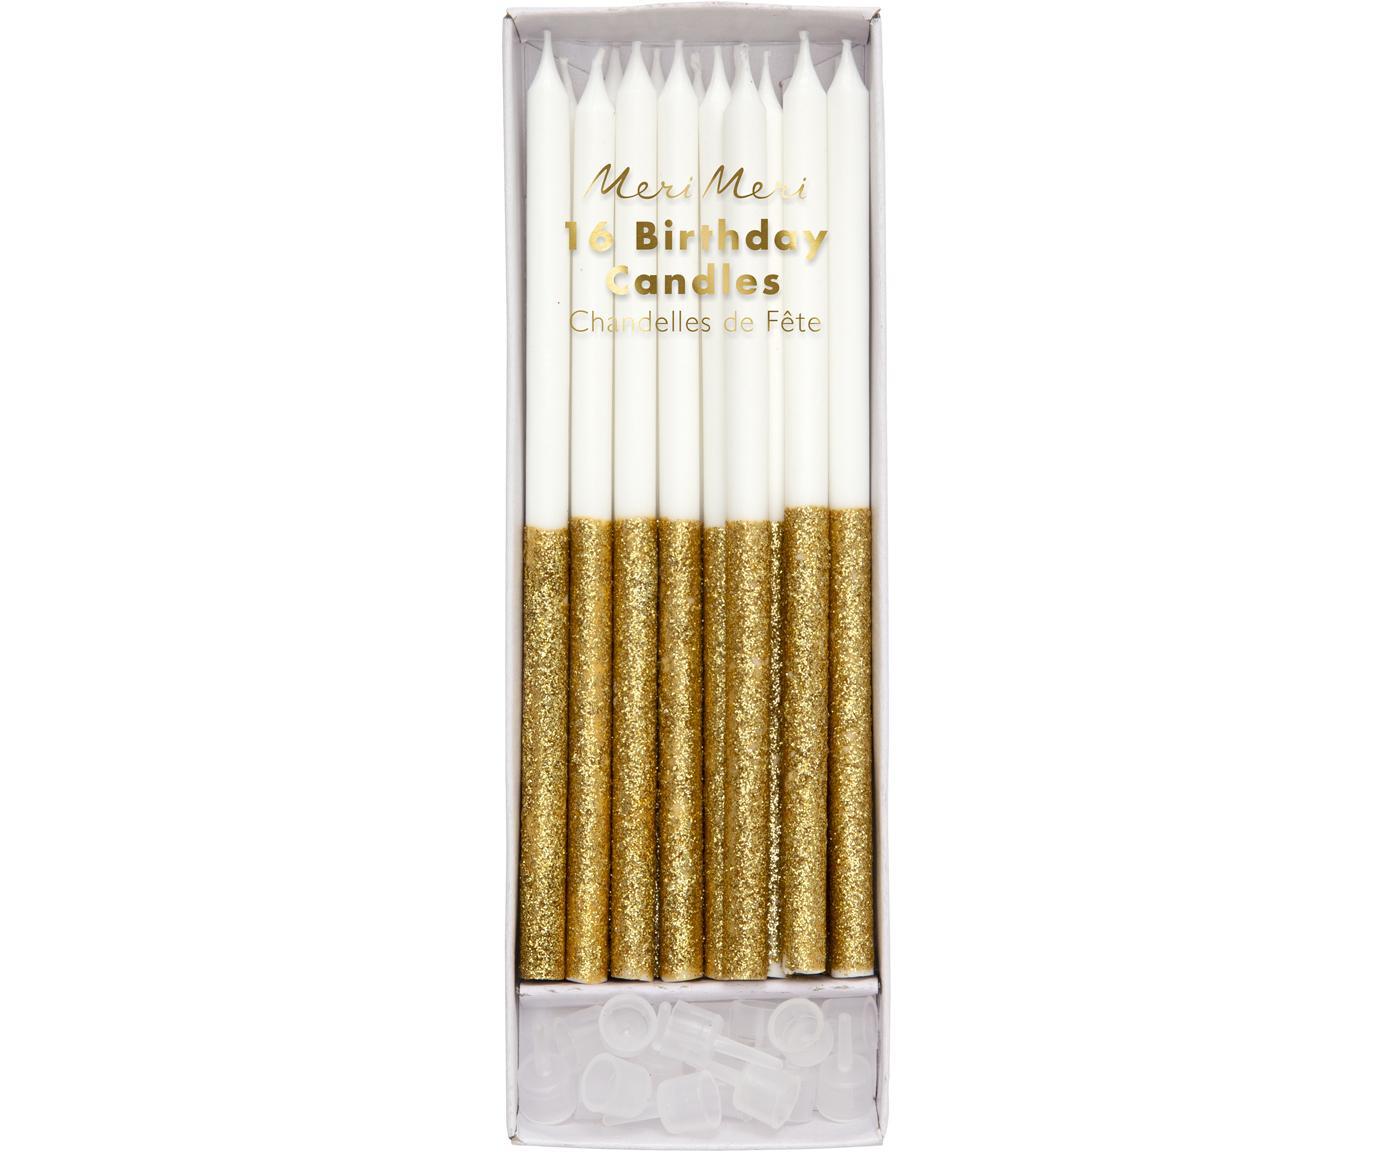 Komplet świeczek tortowych Dippy, 32 elem., Parafina, tworzywo sztuczne, Biały, odcienie złotego, Ø 1 x W 15 cm